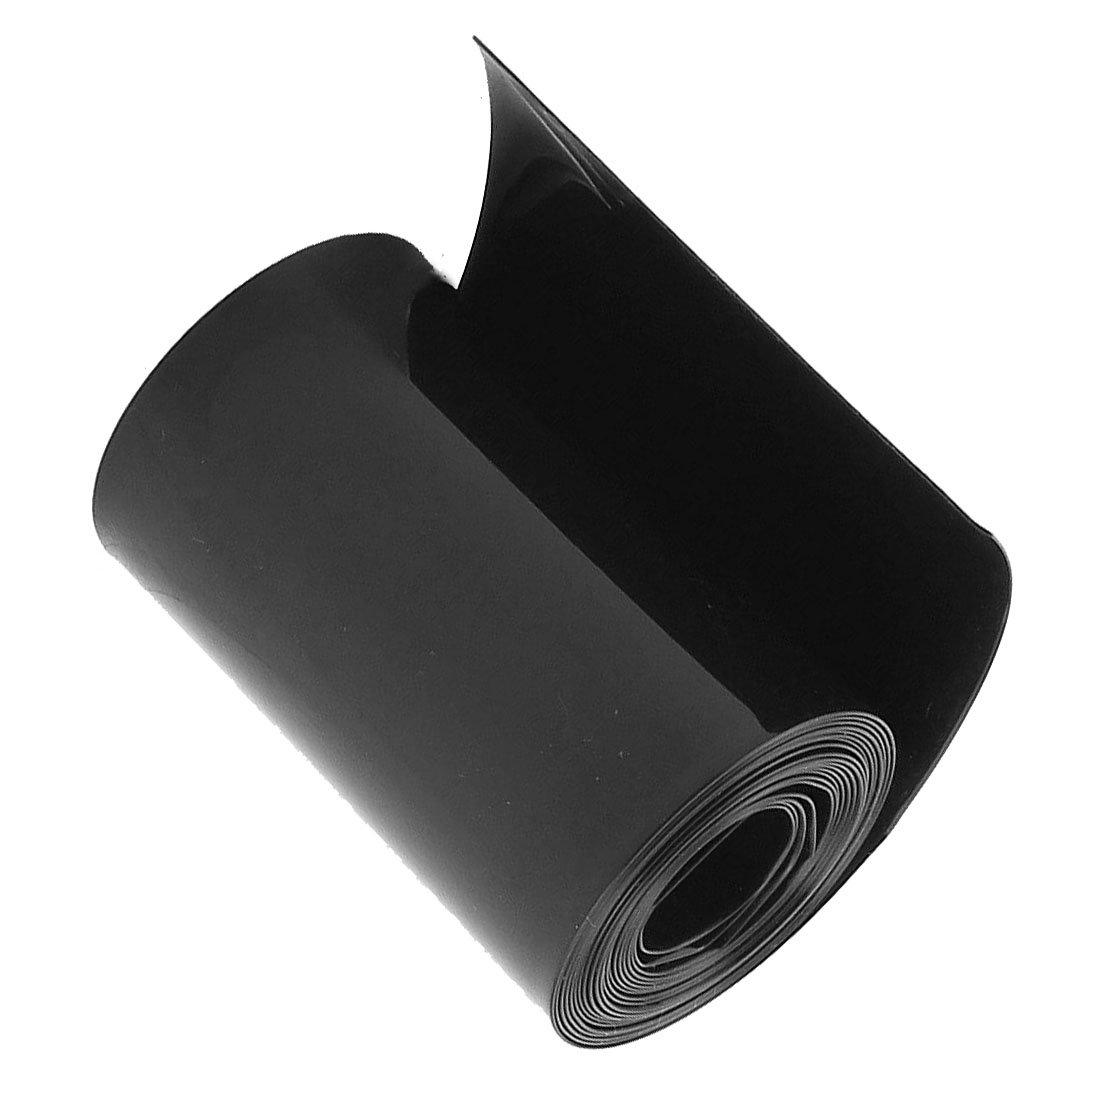 XZANTE Tube de retrecissement de la Chaleur de PVC de la Largeur 8M de Longueur Plate de 75mm Noir pour des Batteries 18650